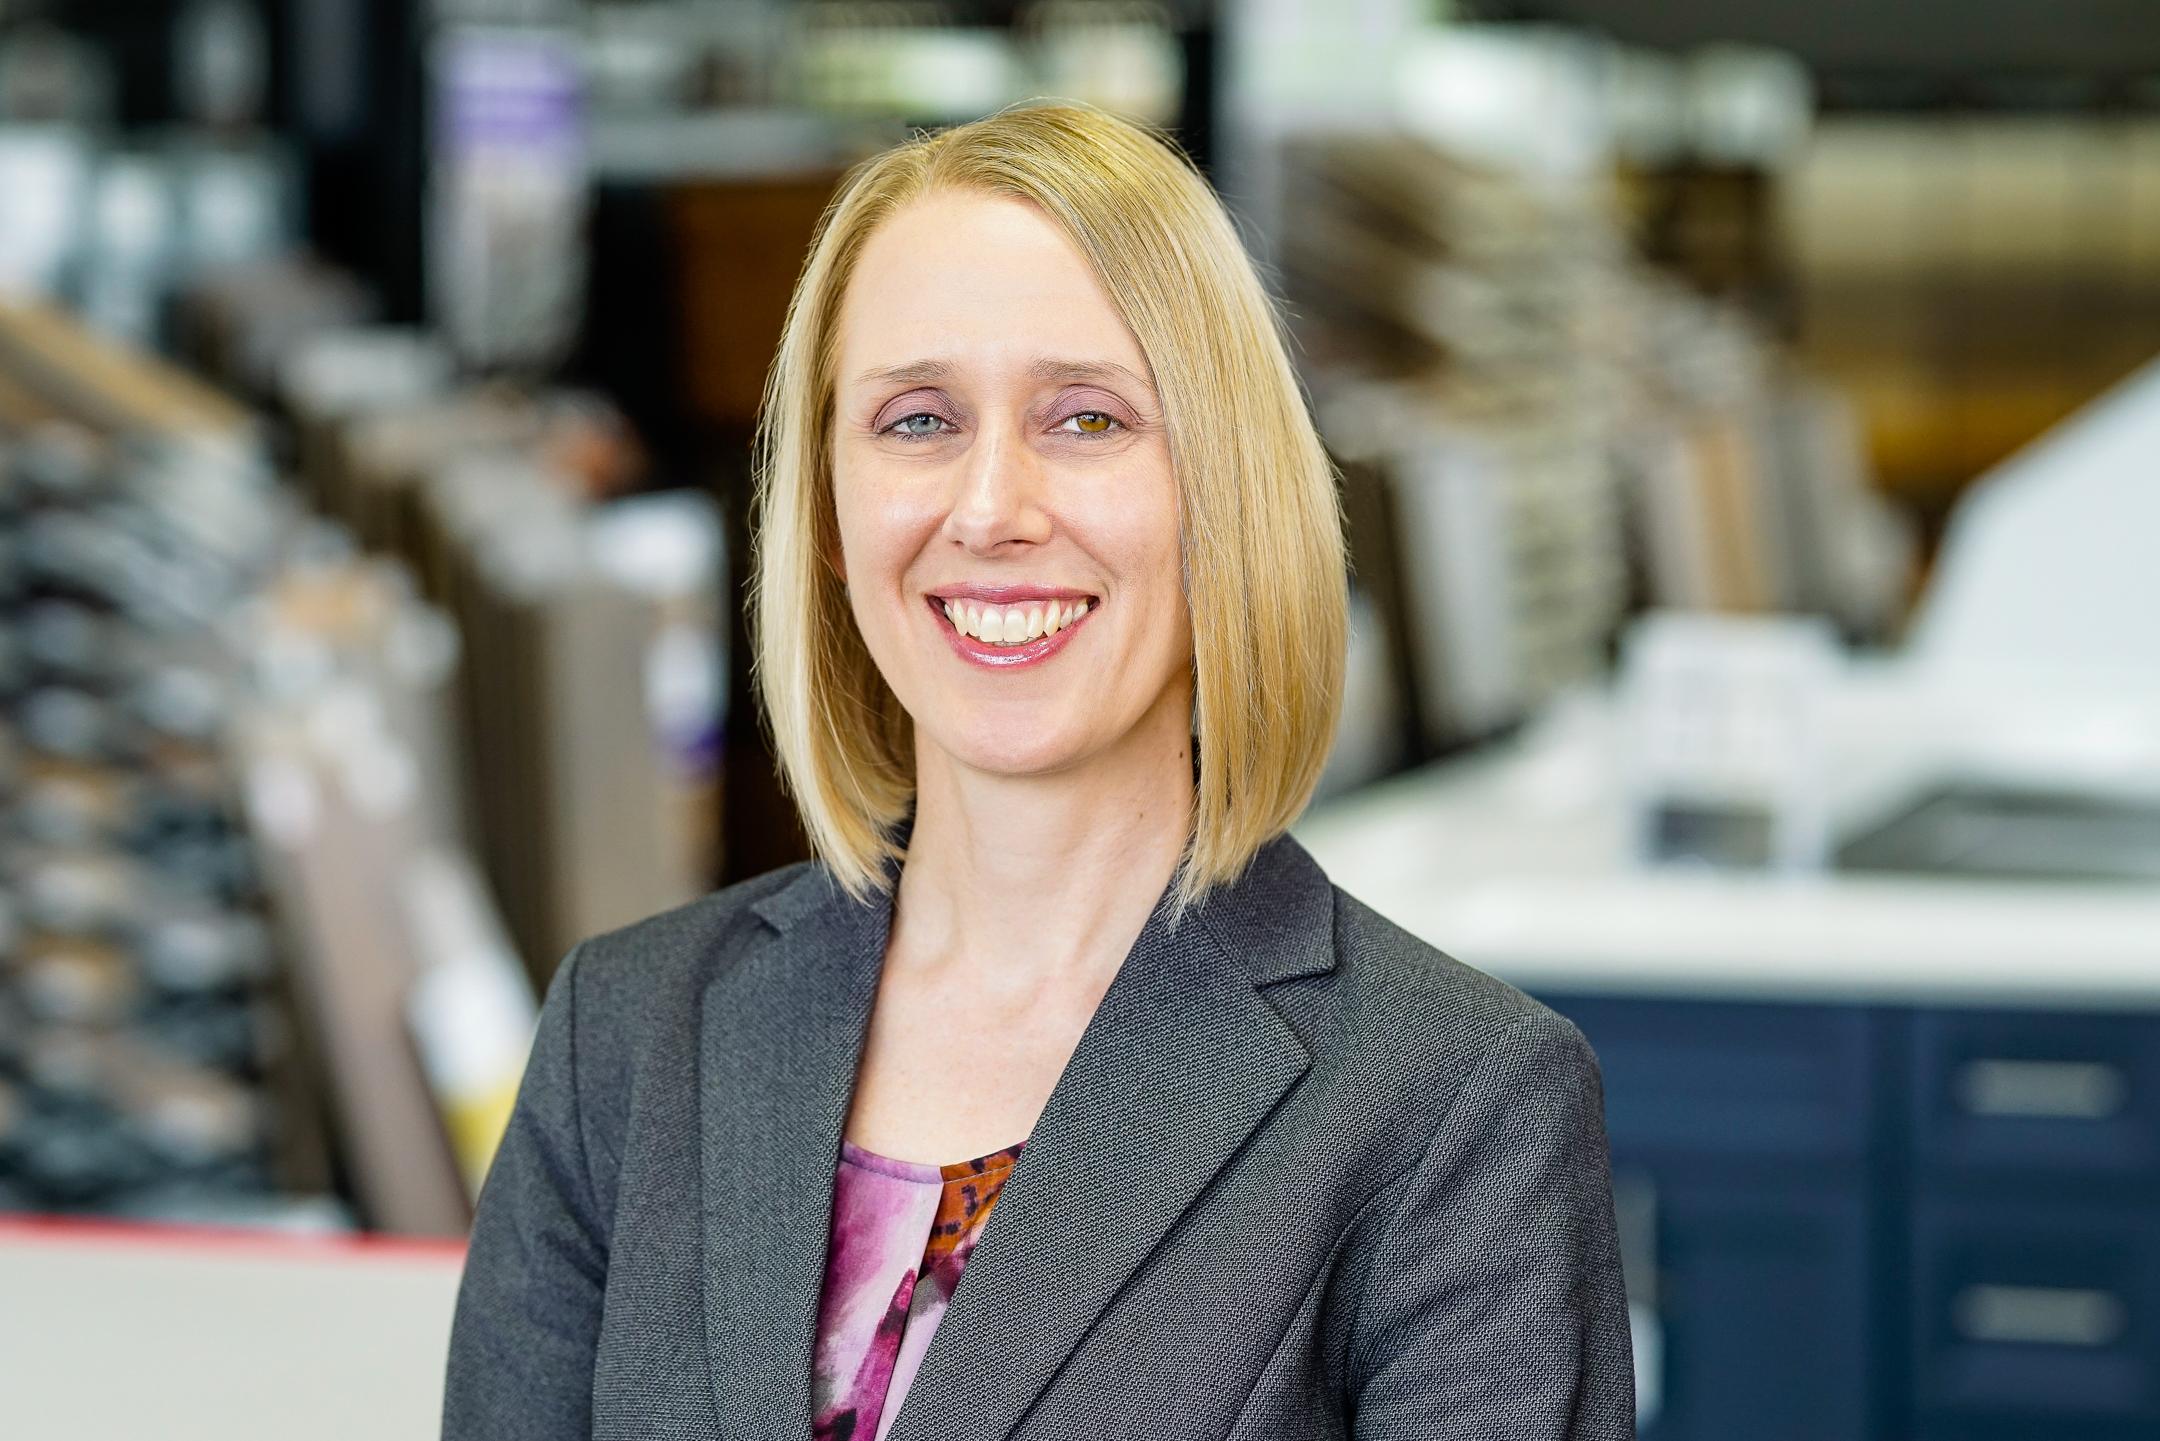 Alison Wheatcroft